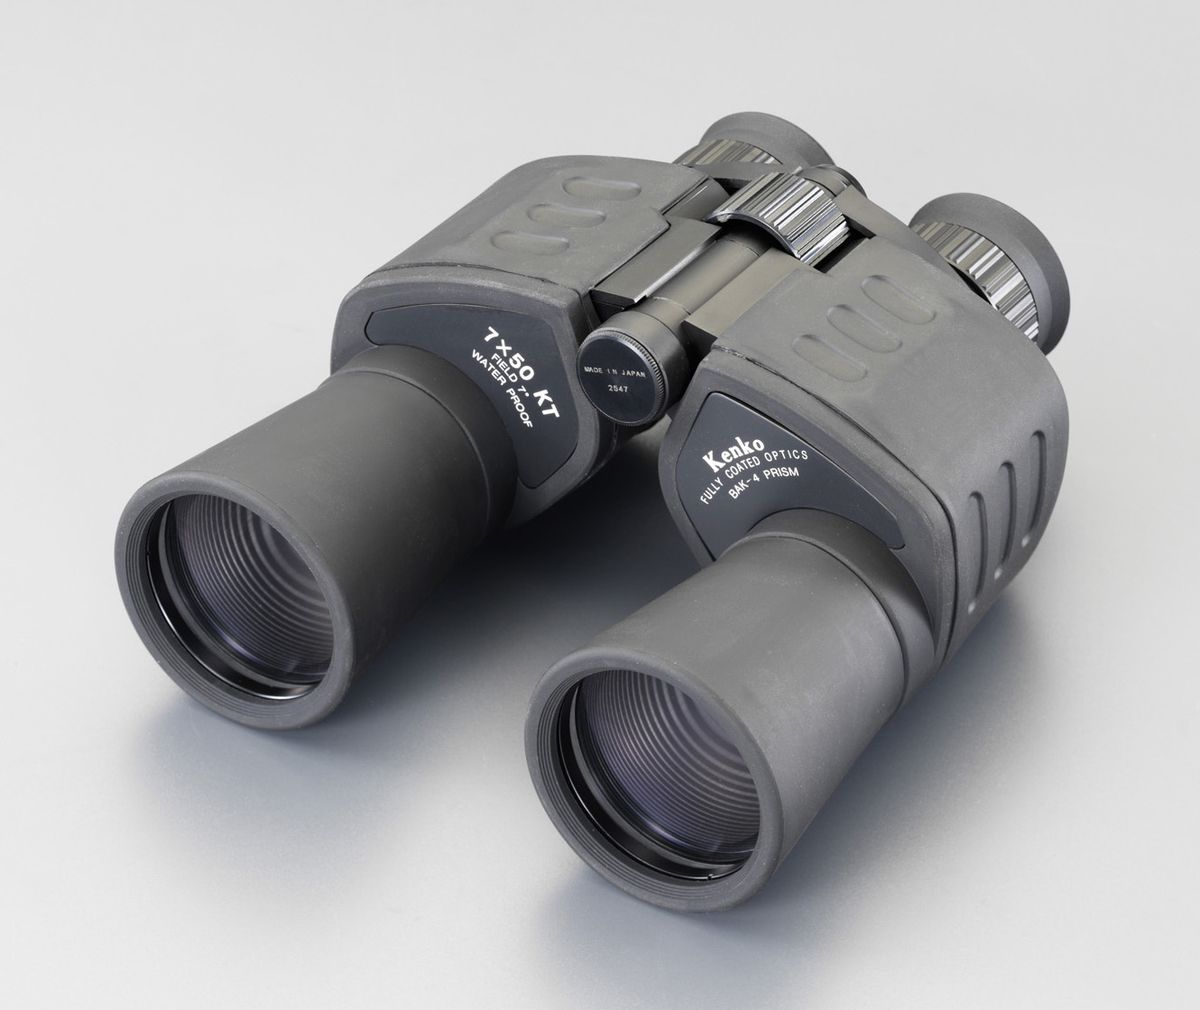 エスコ ESCO x 7/50mm 双眼鏡 000012239590 HD店